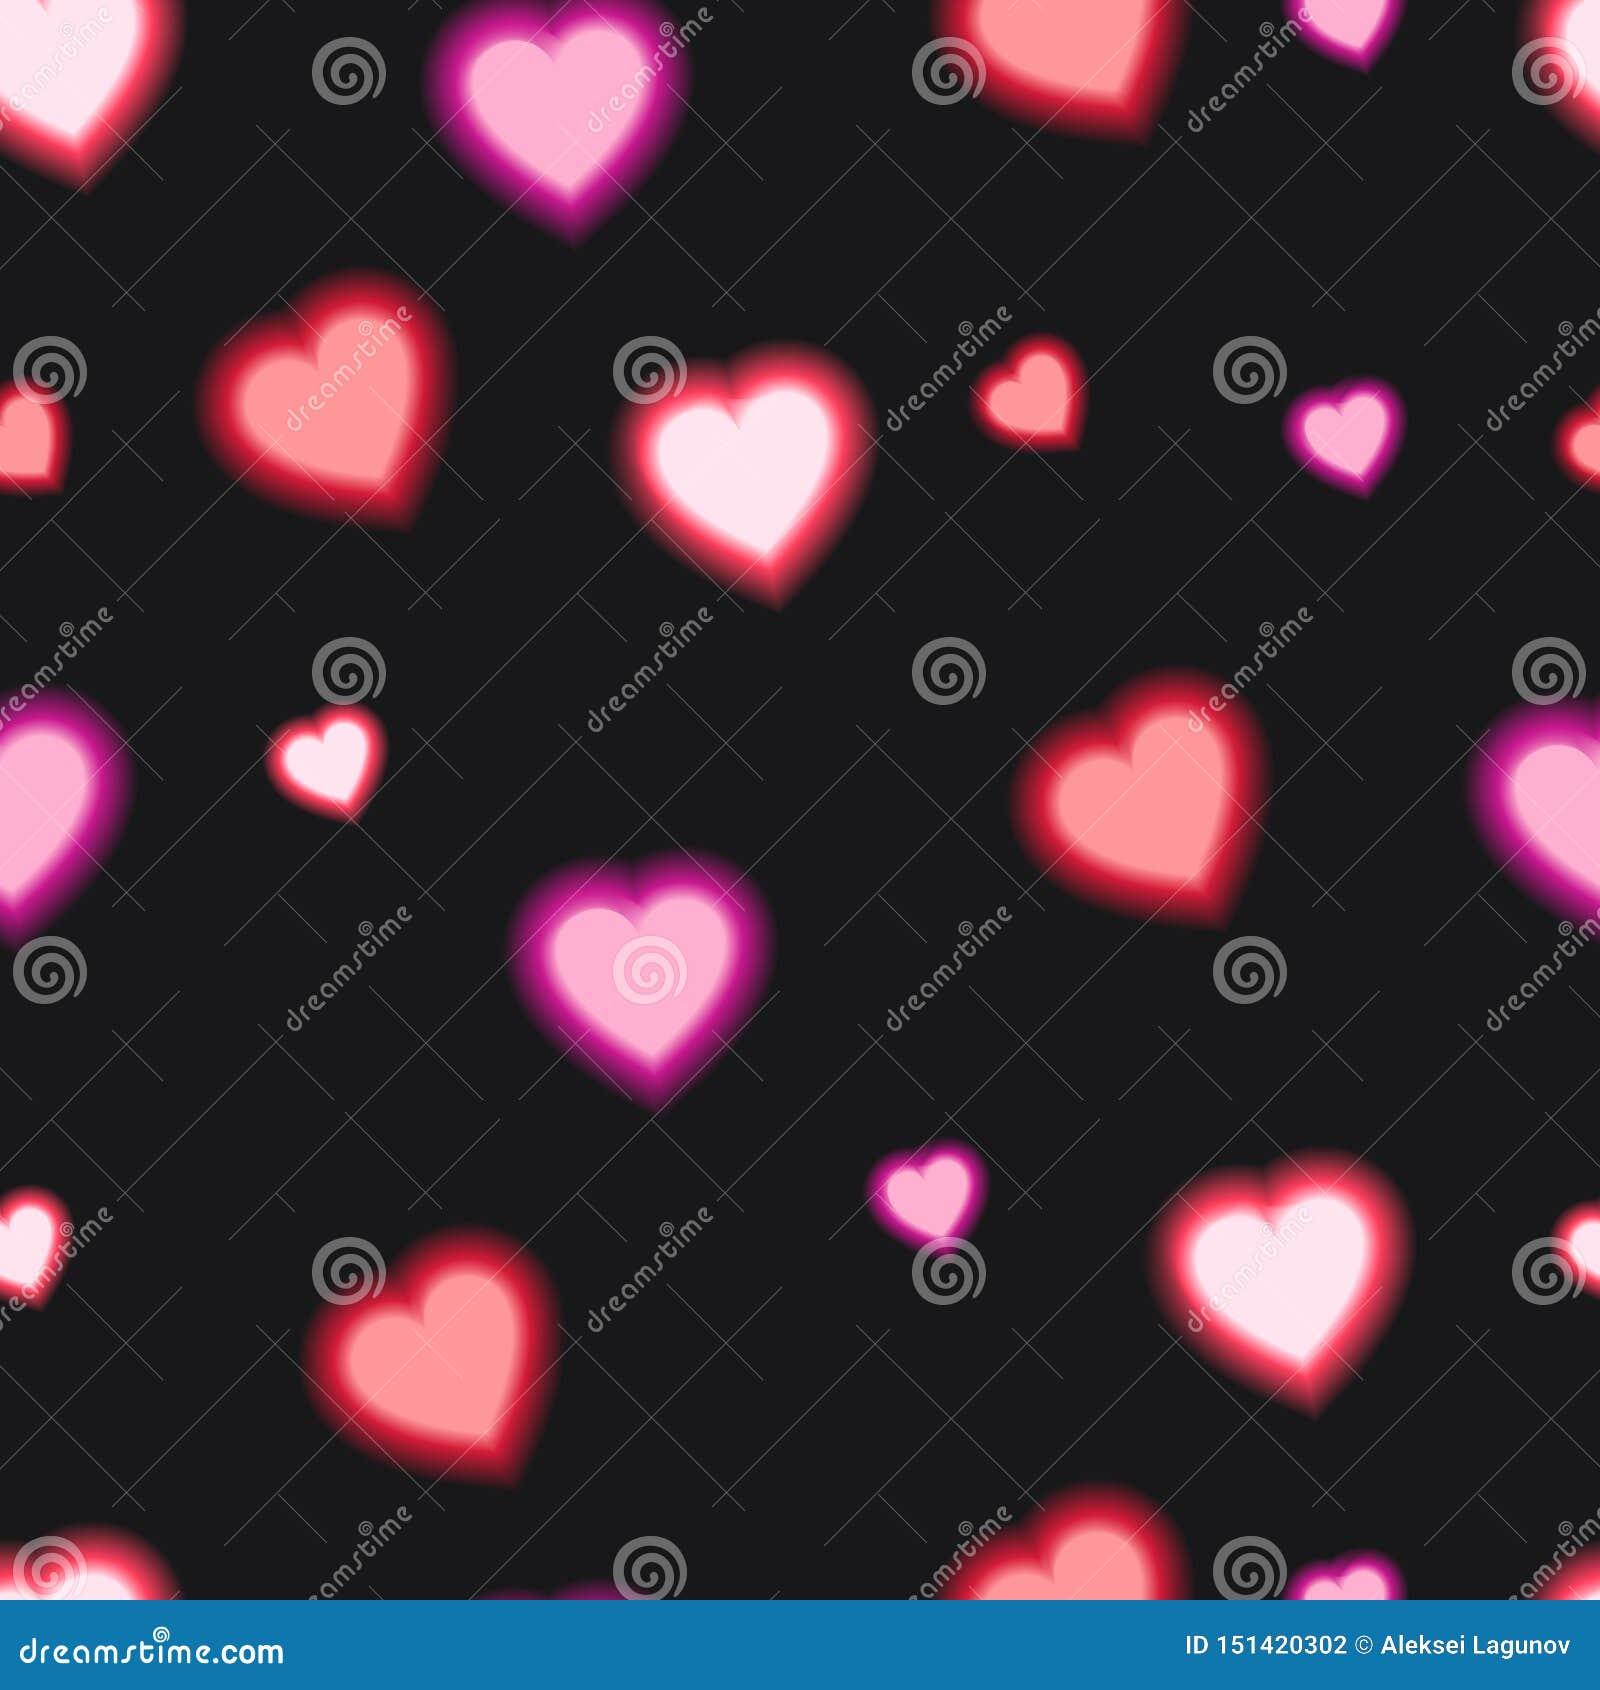 Διανυσματικό άνευ ραφής σχέδιο με τη λάμποντας καρδιά, κόκκινο χρώμα, ζωηρόχρωμο υπόβαθρο